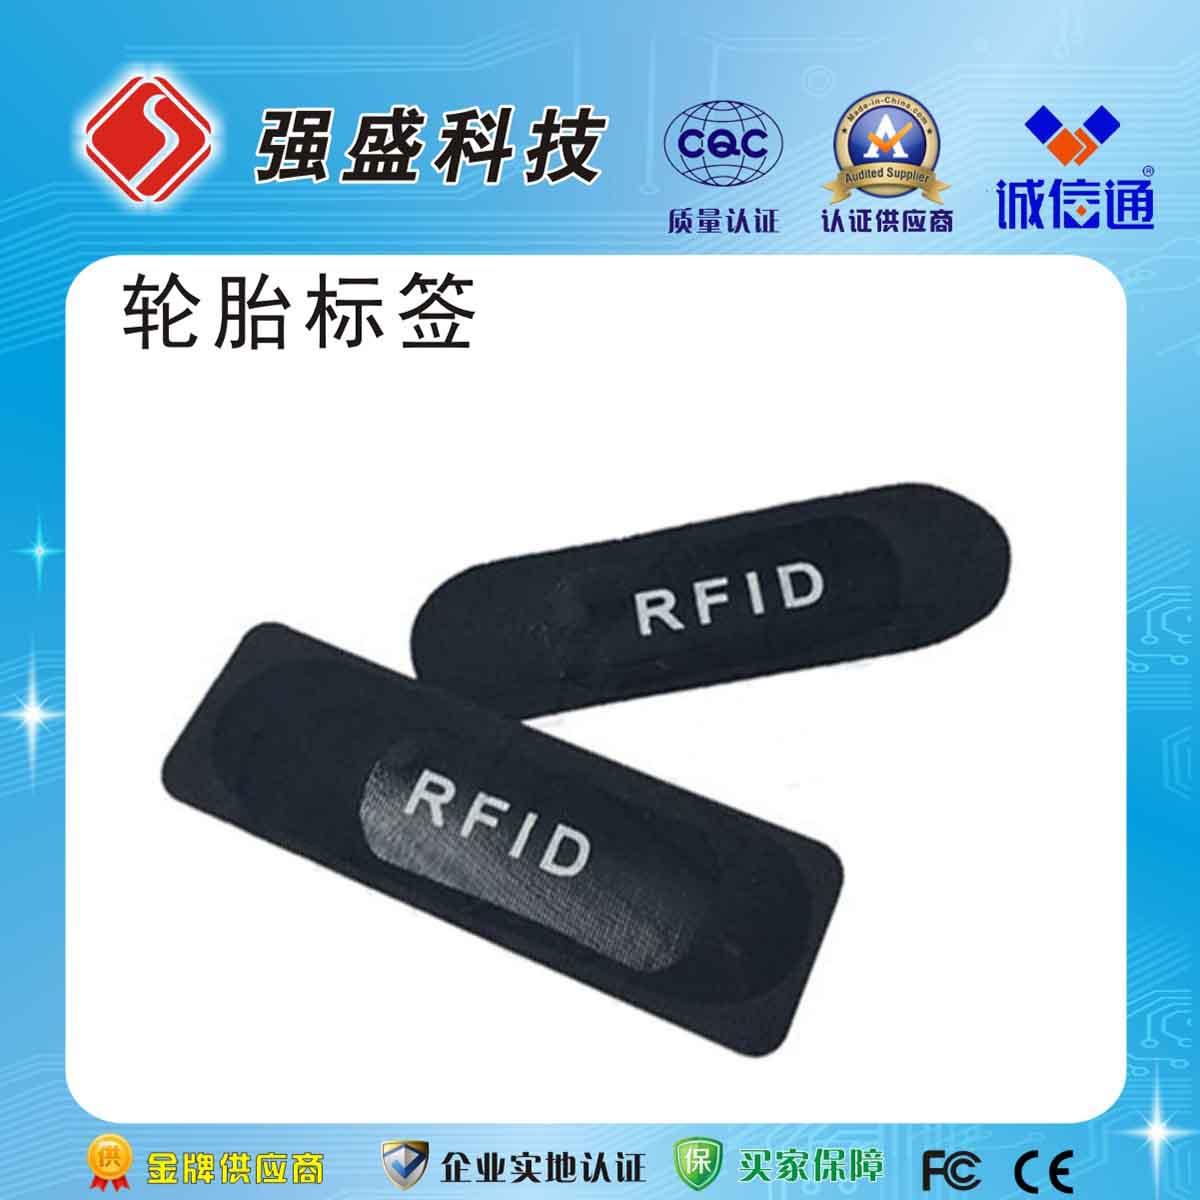 供应广州RFID轮胎标签厂家批发价异型标签定制价格